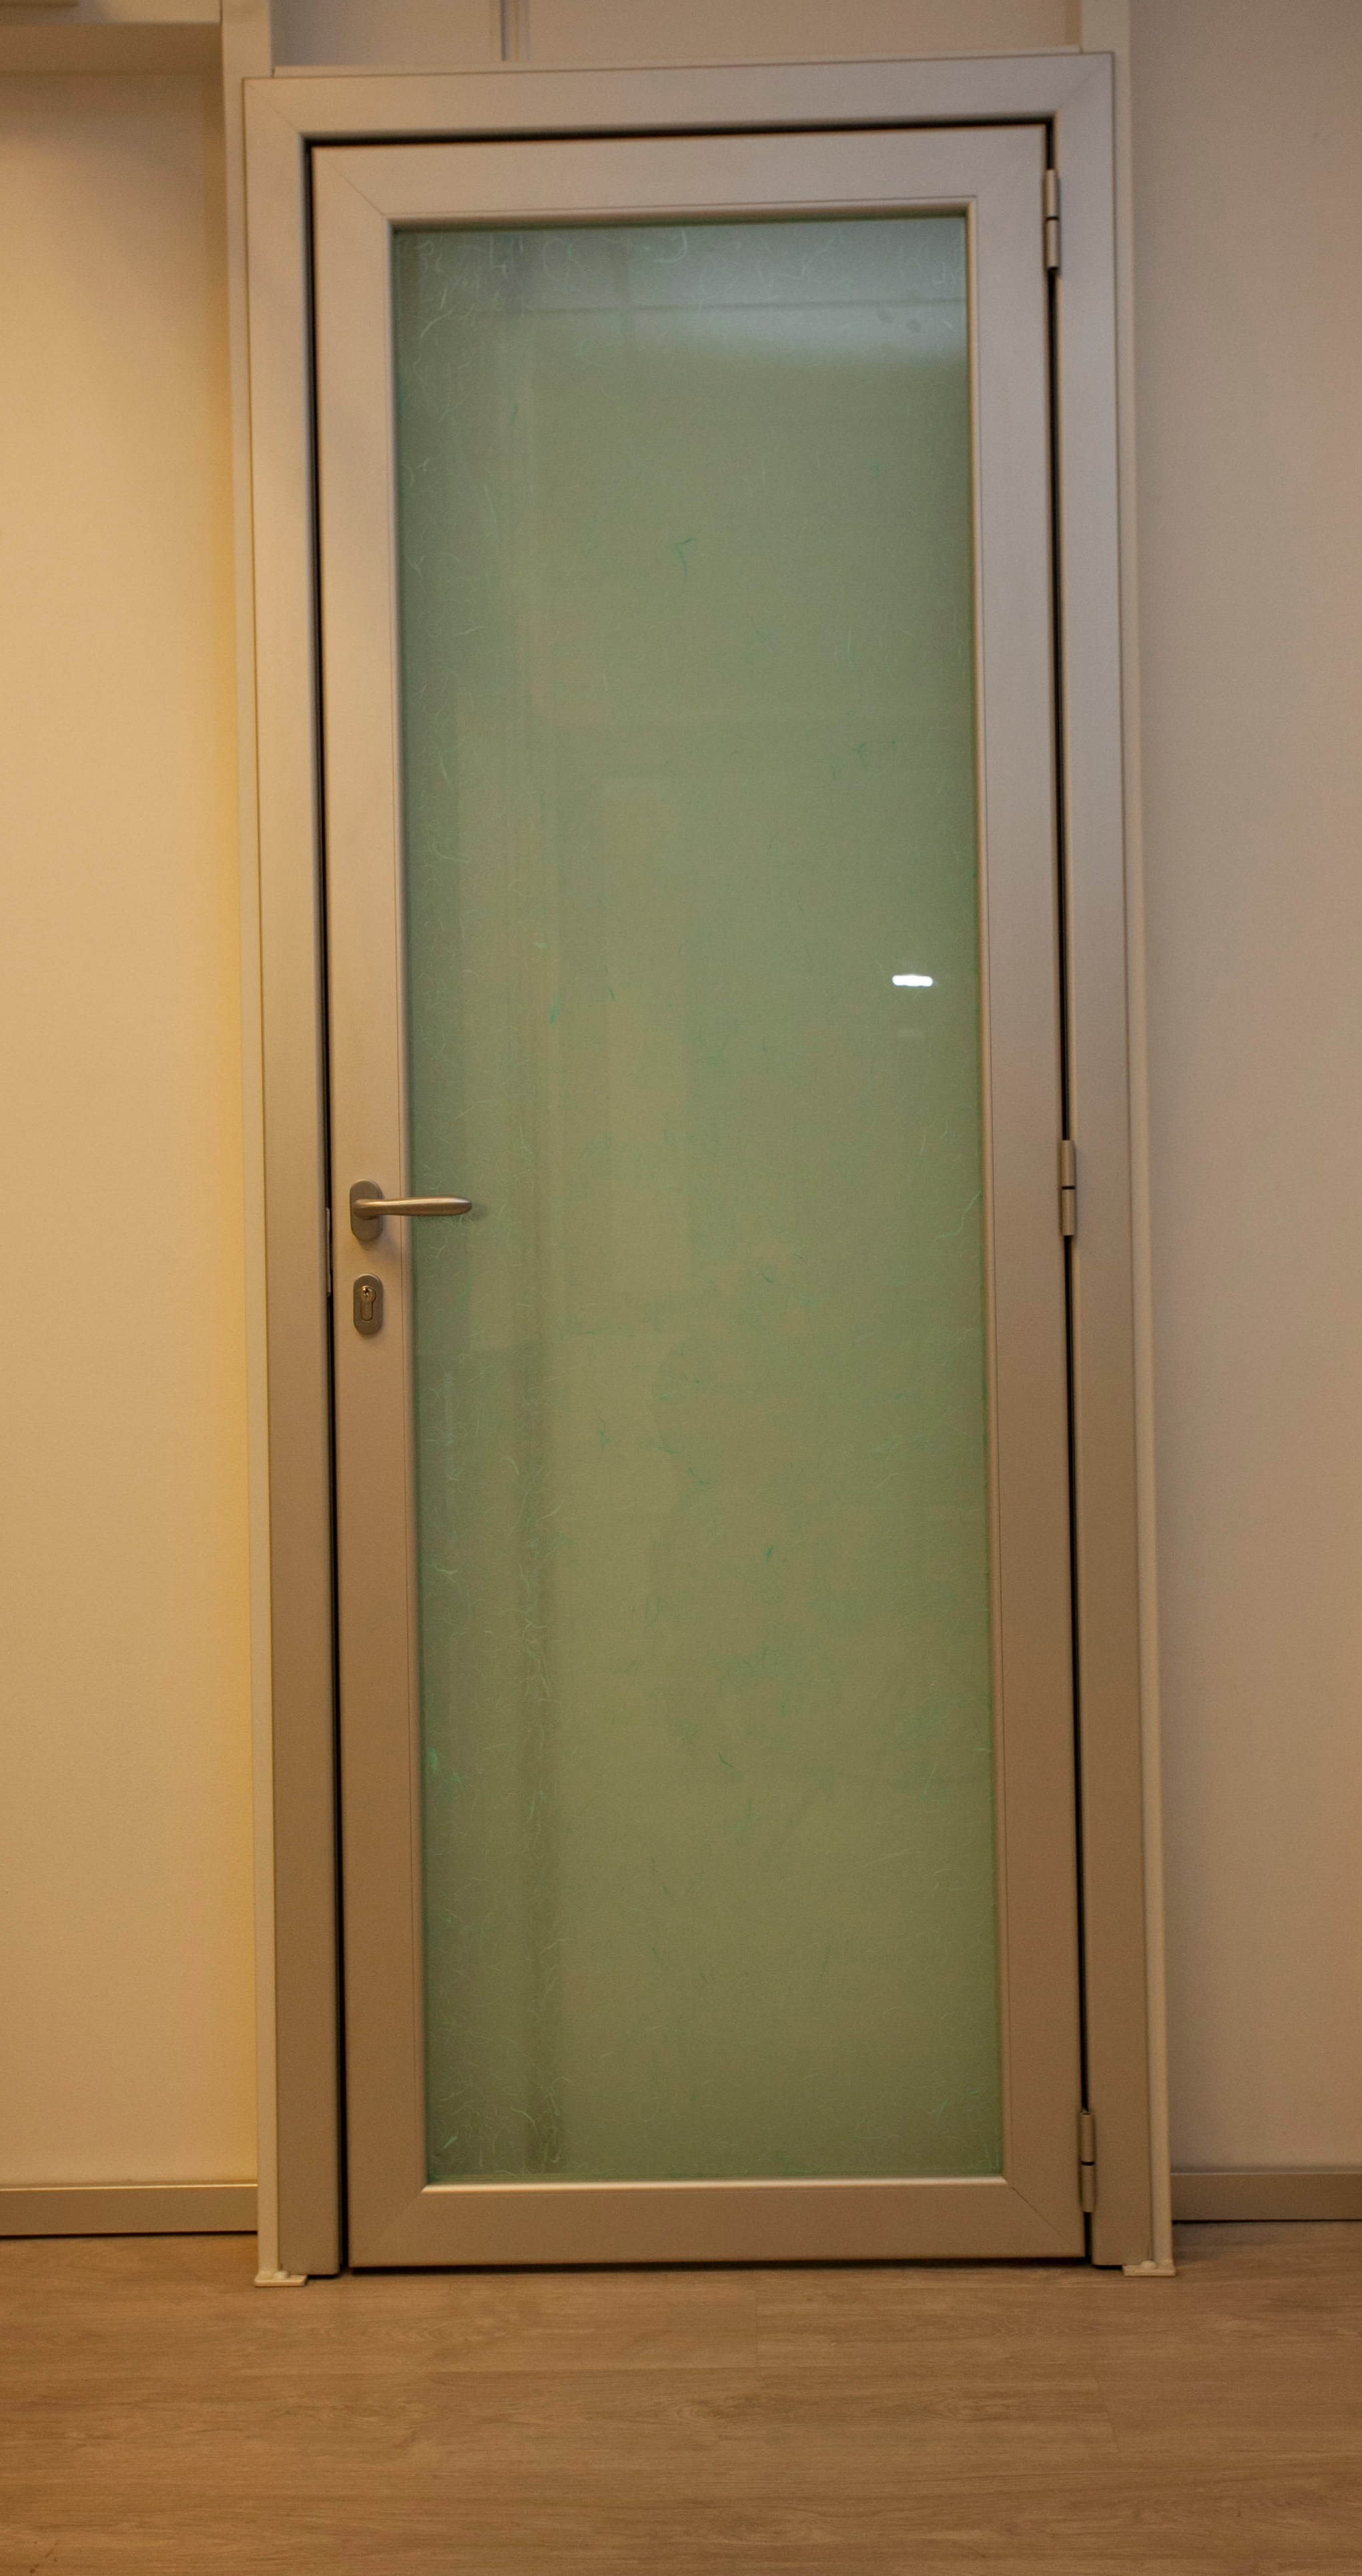 Gallery gi ma - Vetro porta interna ...